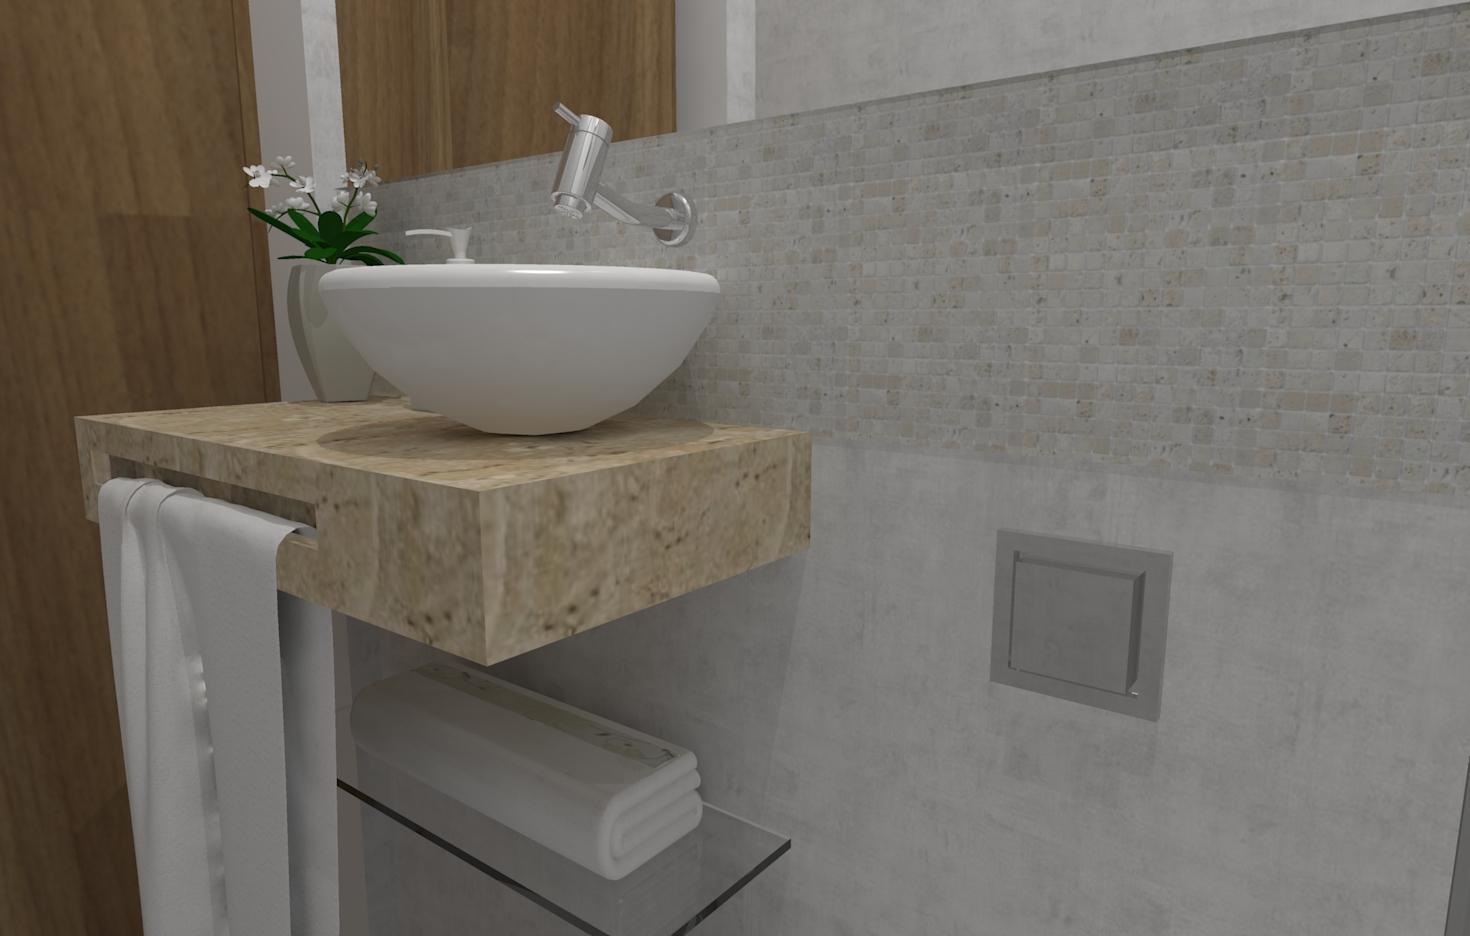 Imagens de #5D4A35 Banheiros e Lavabos Seu Sonho Desenhado 1470x936 px 3714 Banheiros Planejados Sofisticados